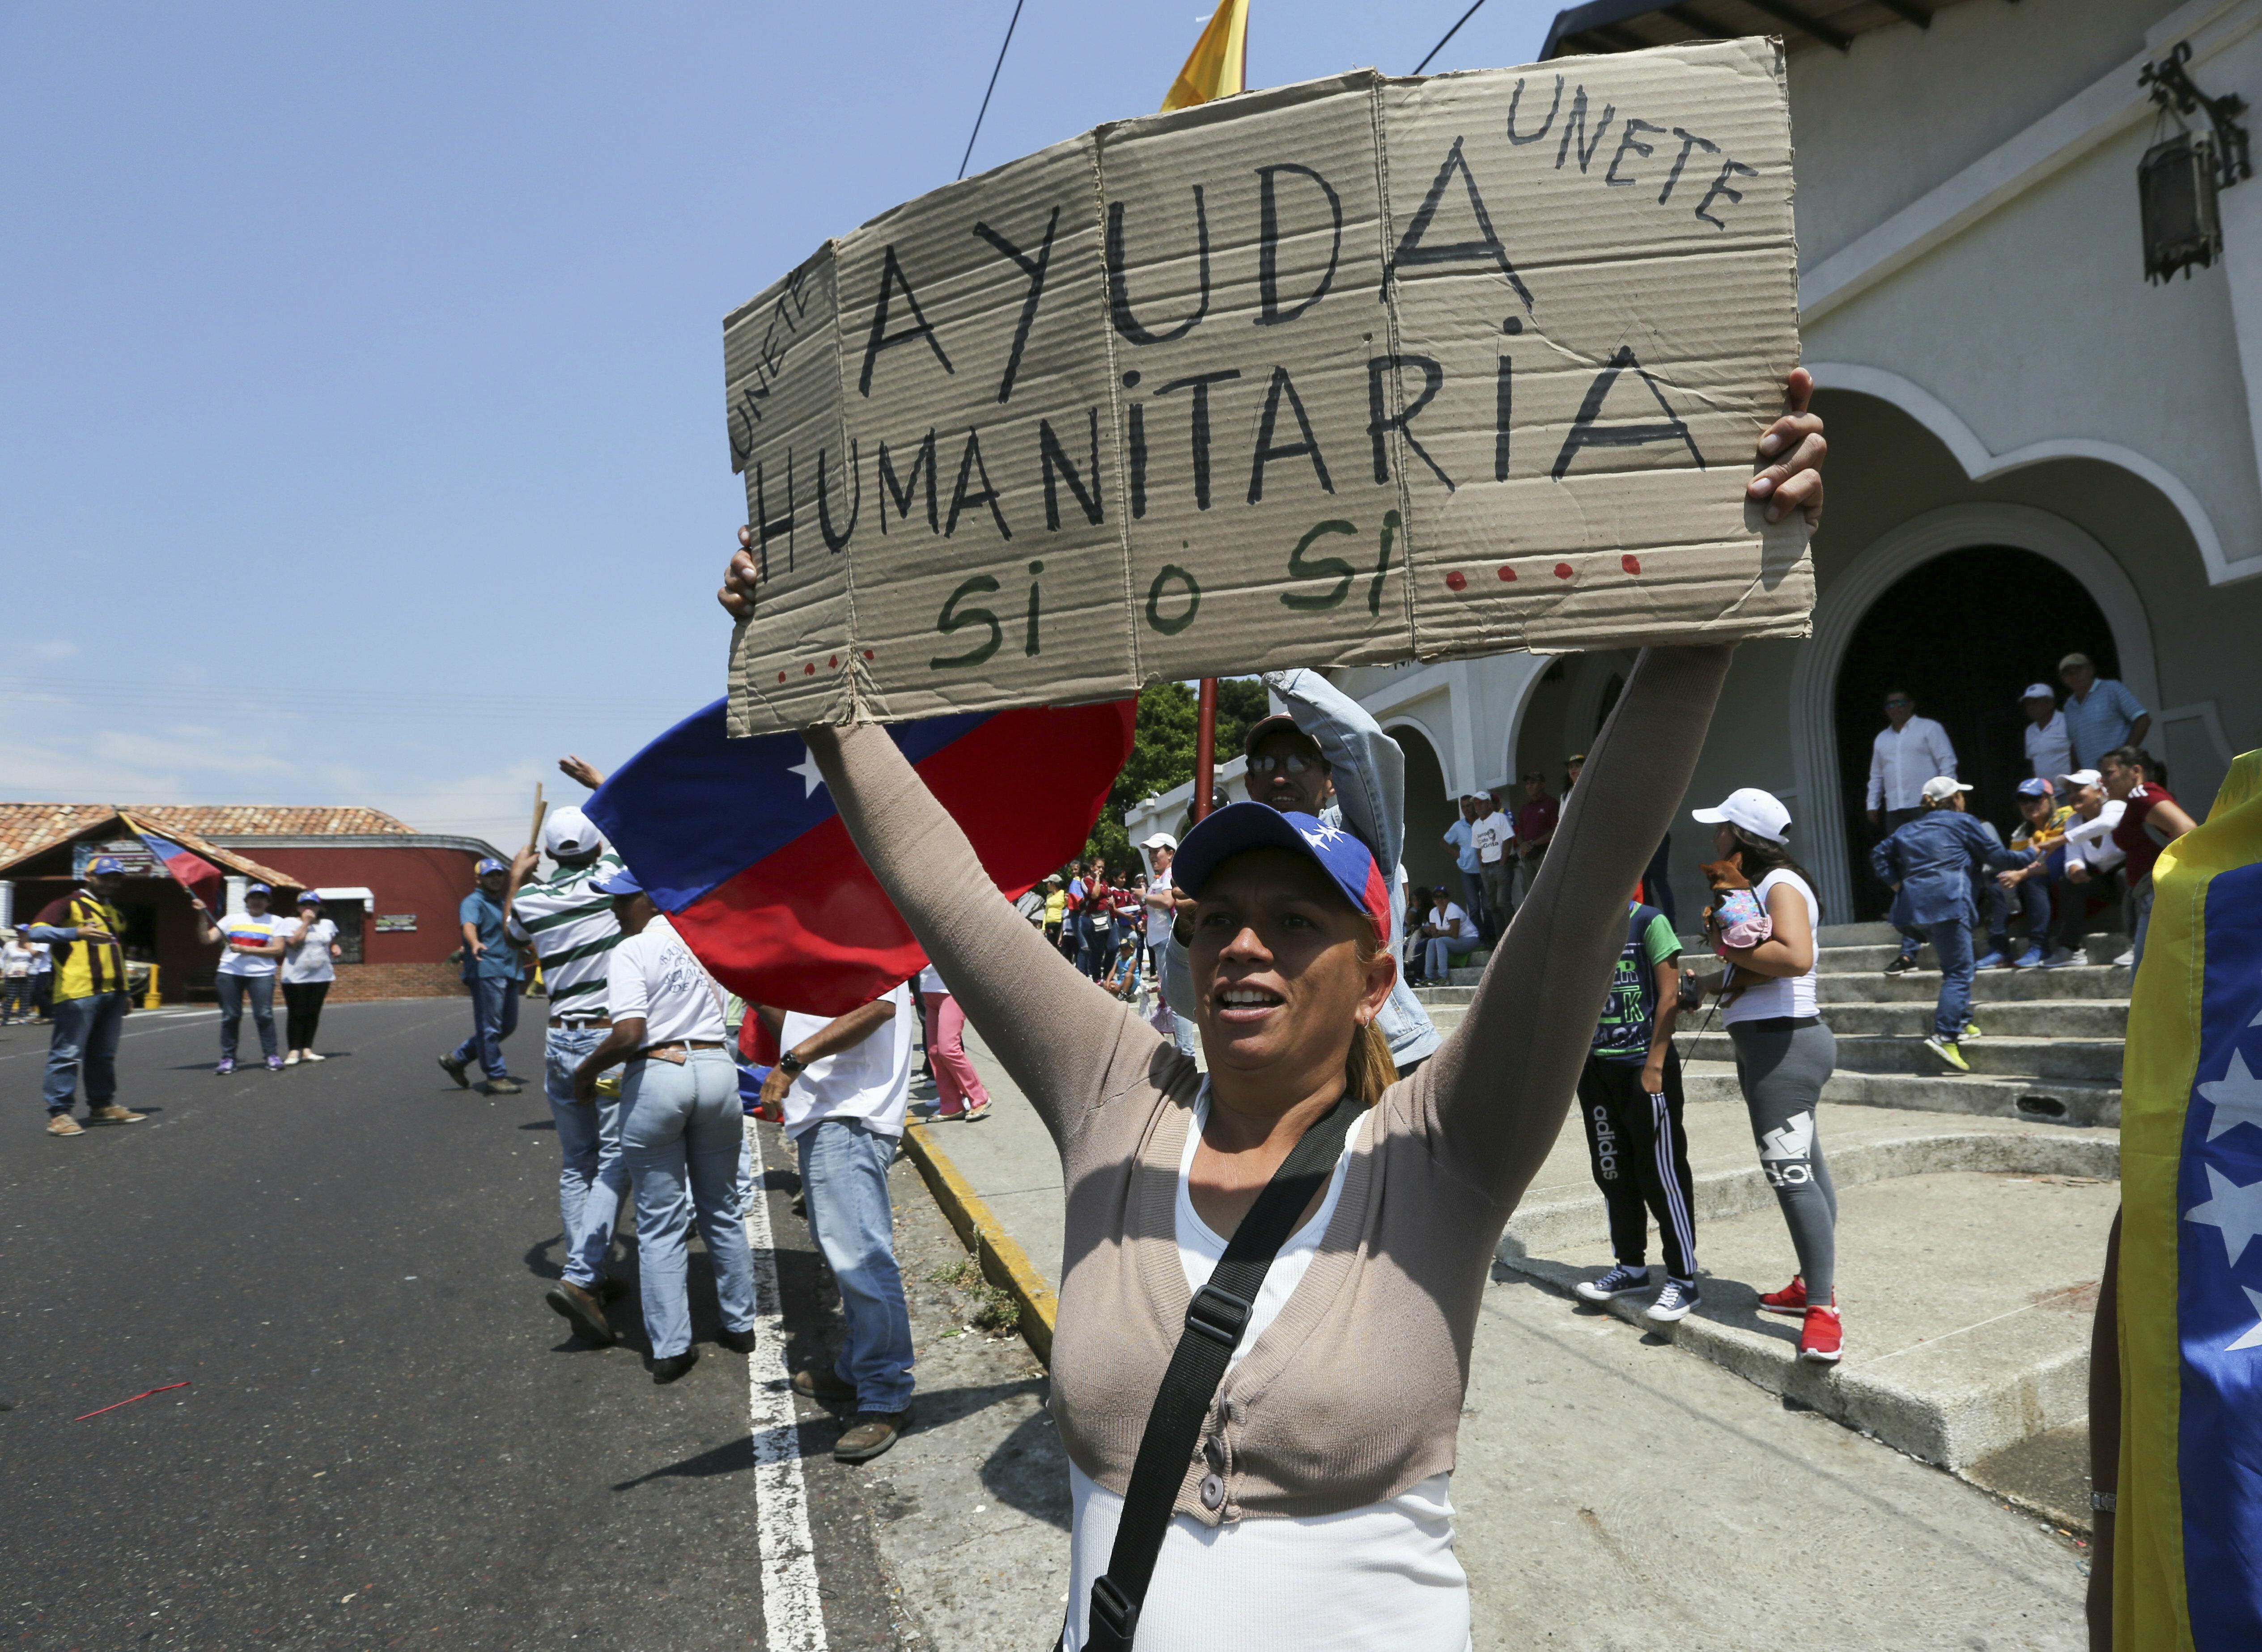 Entrega de ajuda humanitária à Venezuela neste sábado traz risco de conflito na